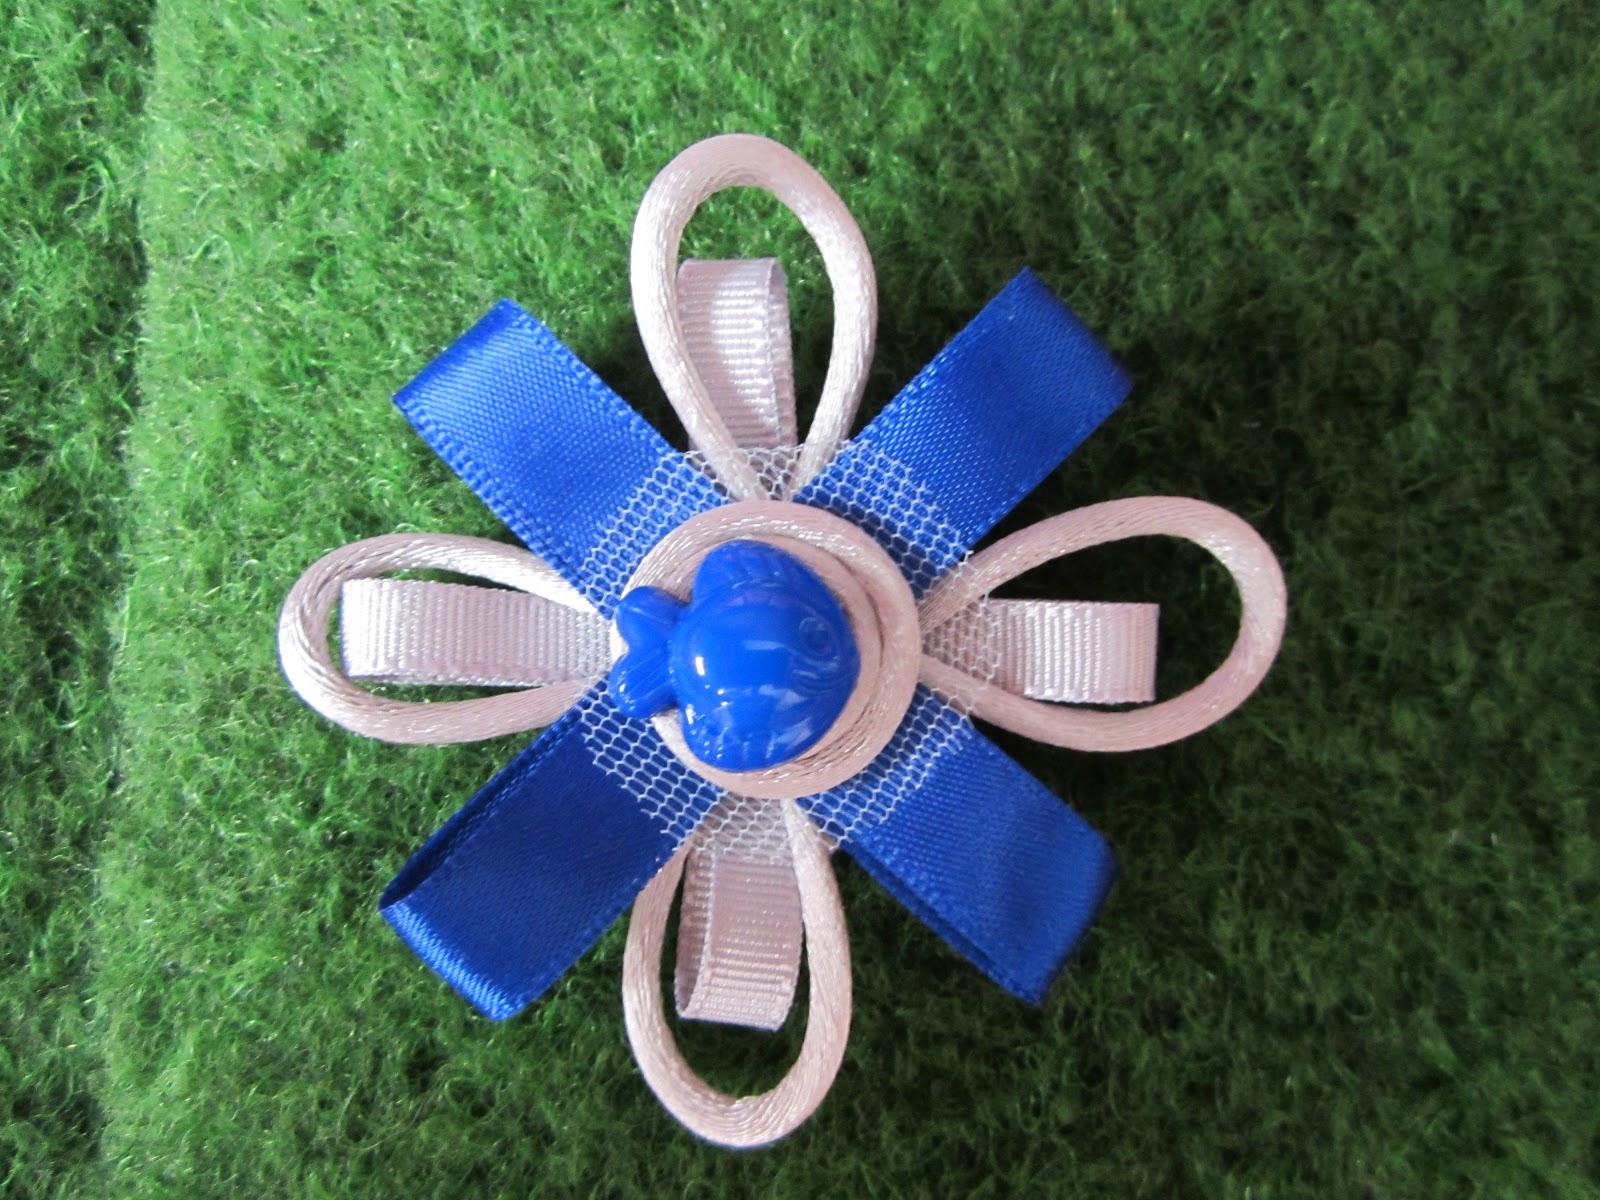 download flor rosa y amarilla de cola de raton diadema